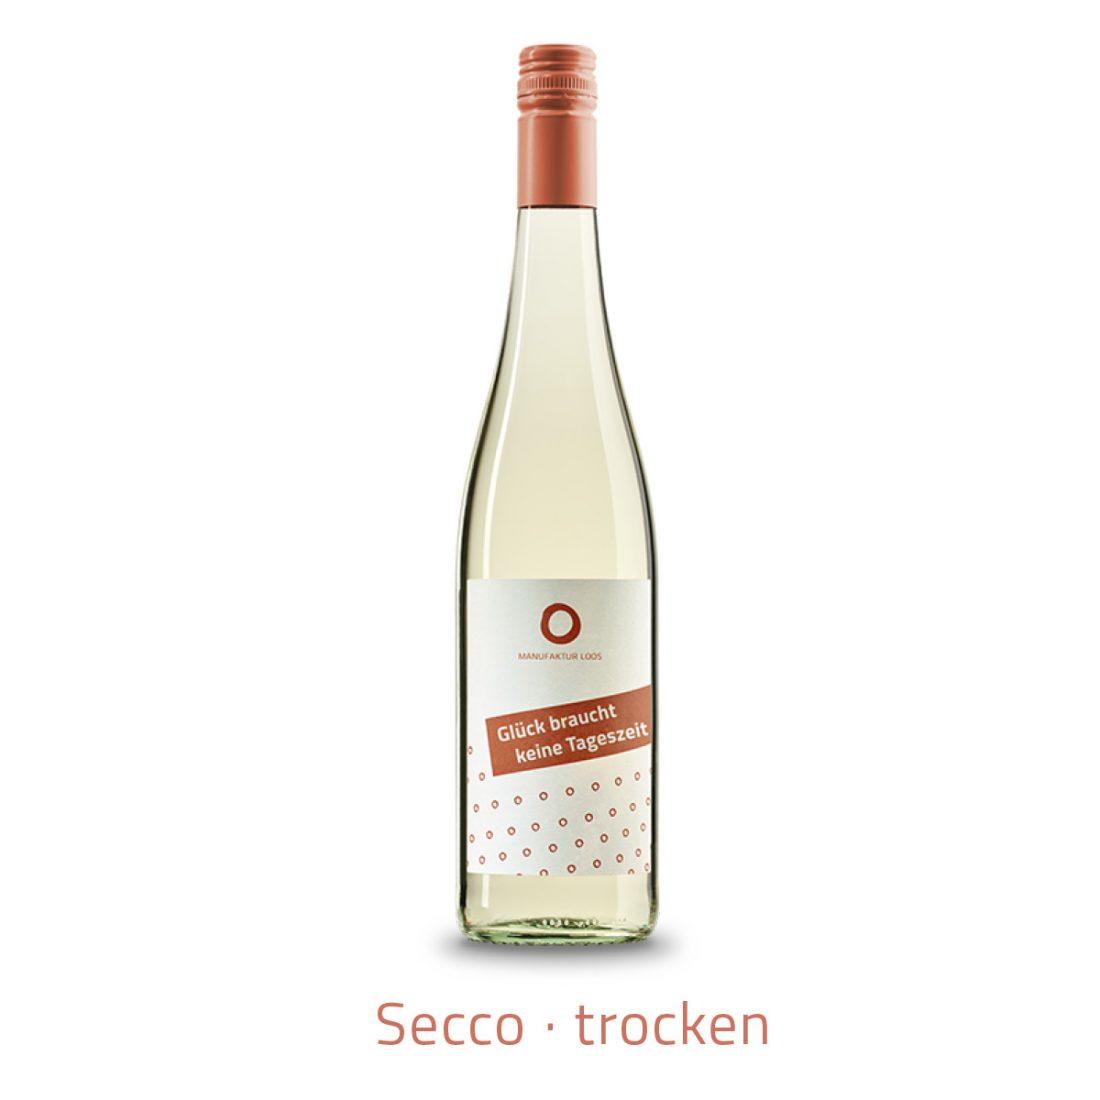 Weingut Loos prickelnd glueck braucht keine tageszeit